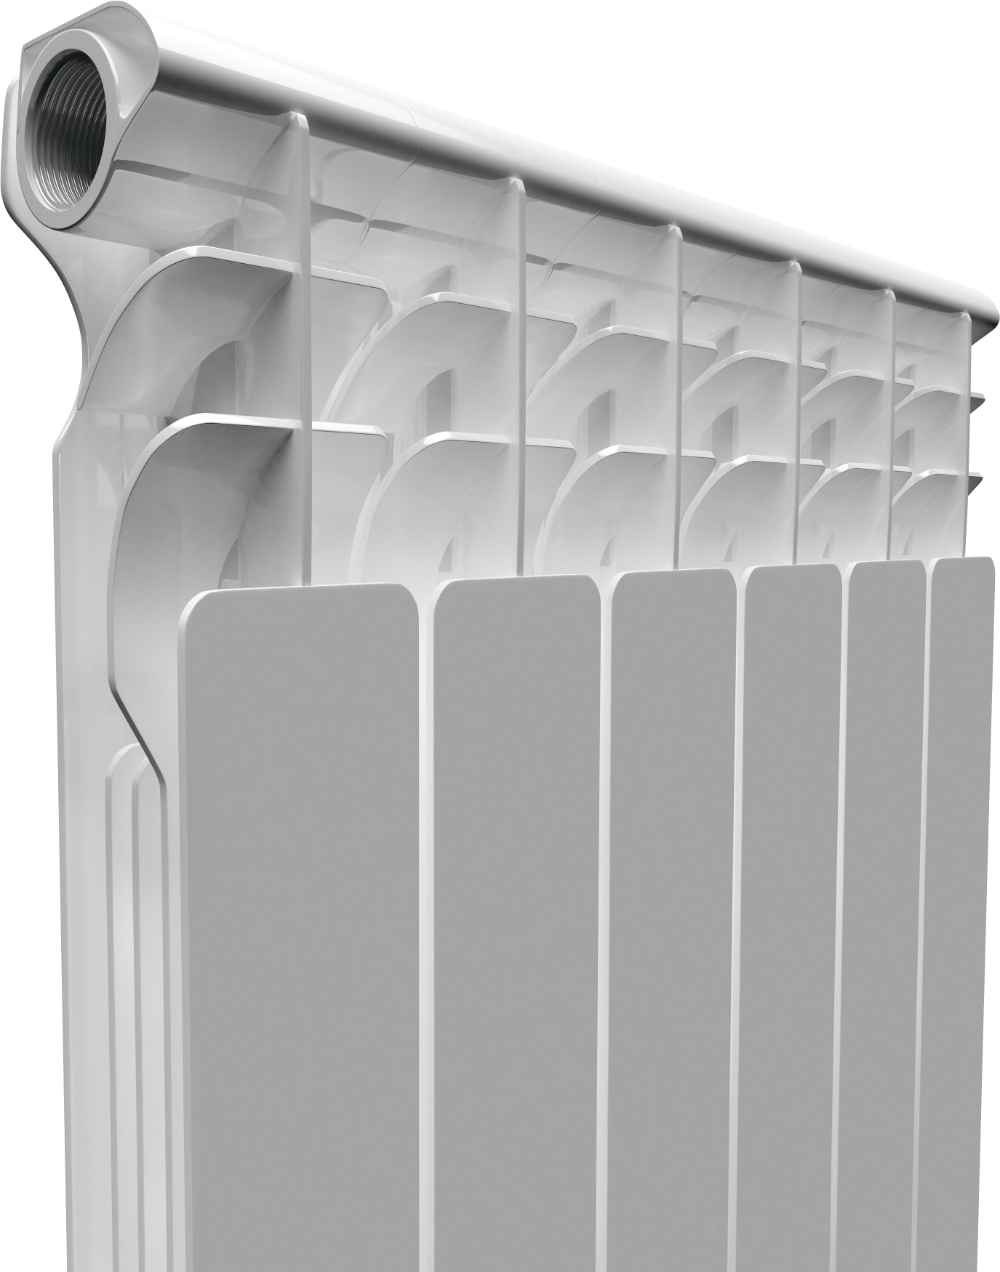 Биметаллический радиатор AQUAPROM BI 500/80 4 секции, теплоотдача 440 Вт - купить в Екатеринбурге